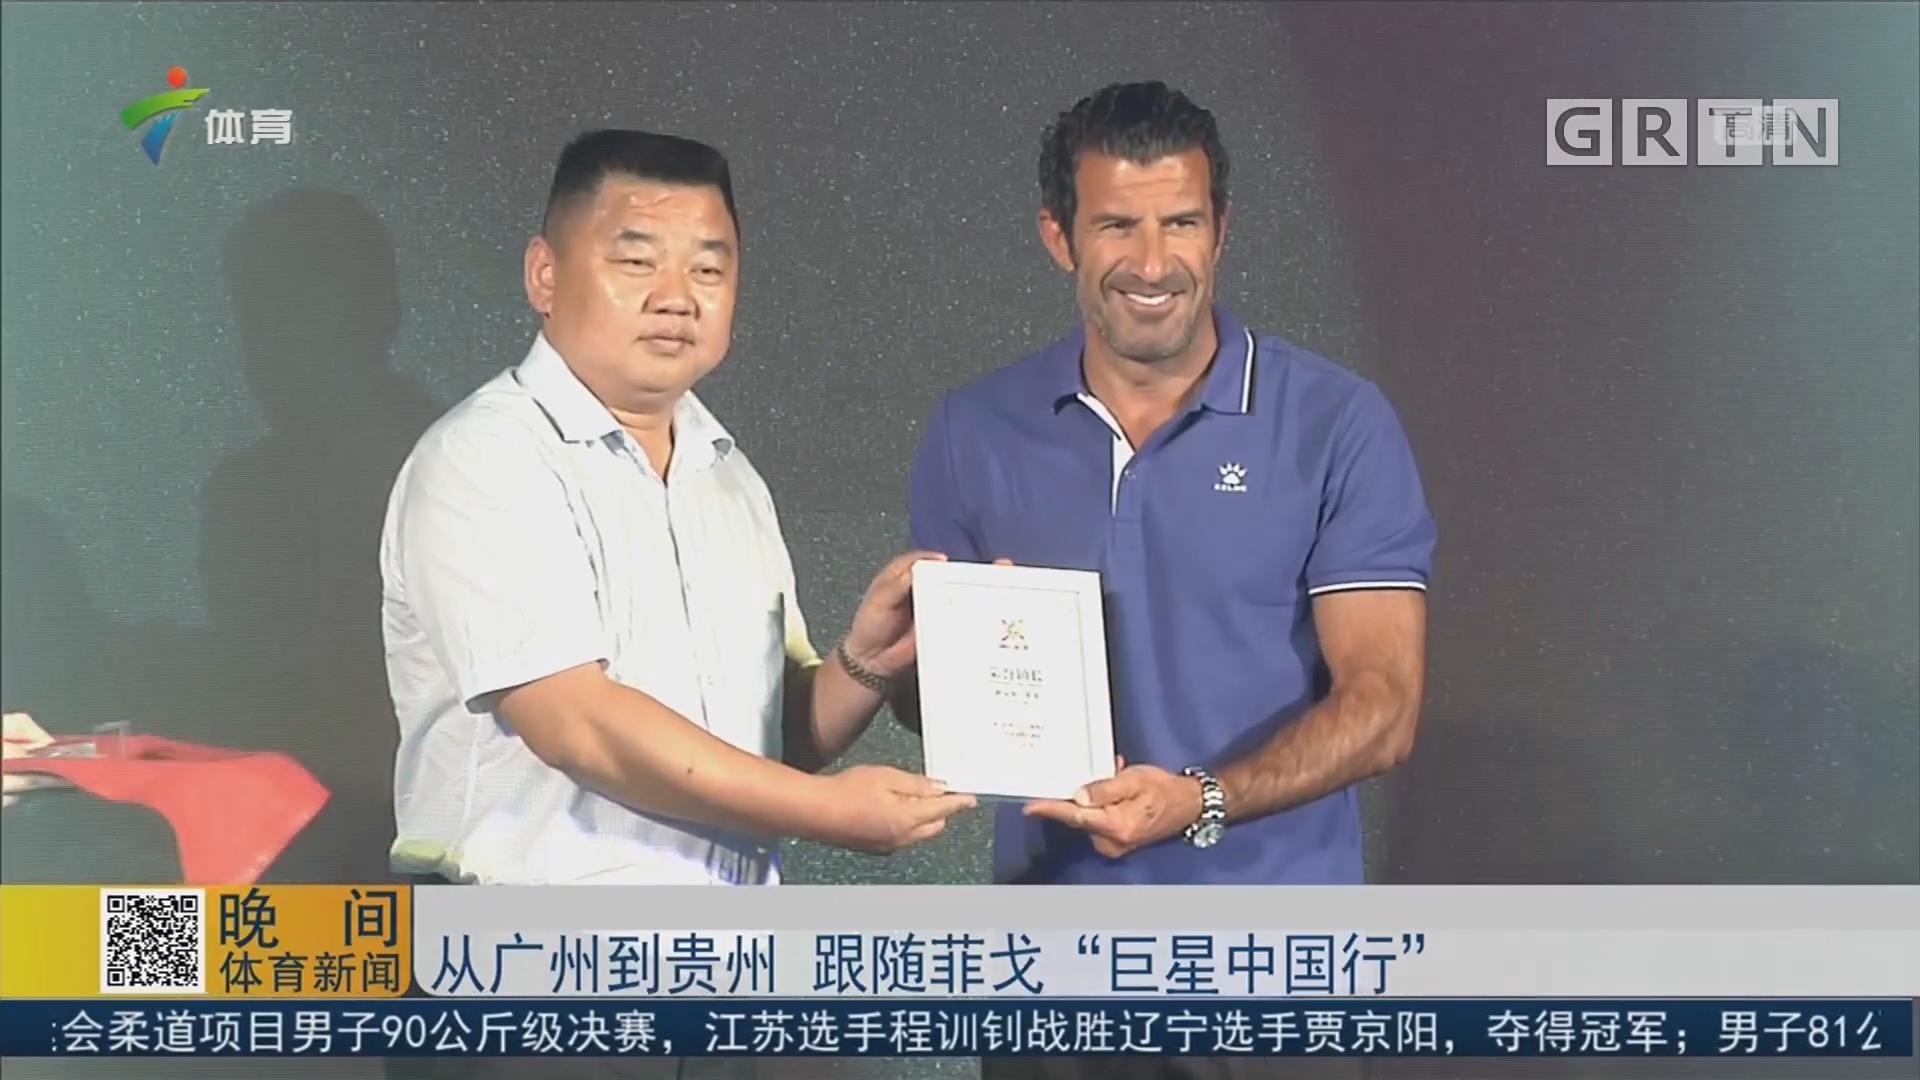 """从广州到贵州 跟随菲戈""""巨星中国行"""""""